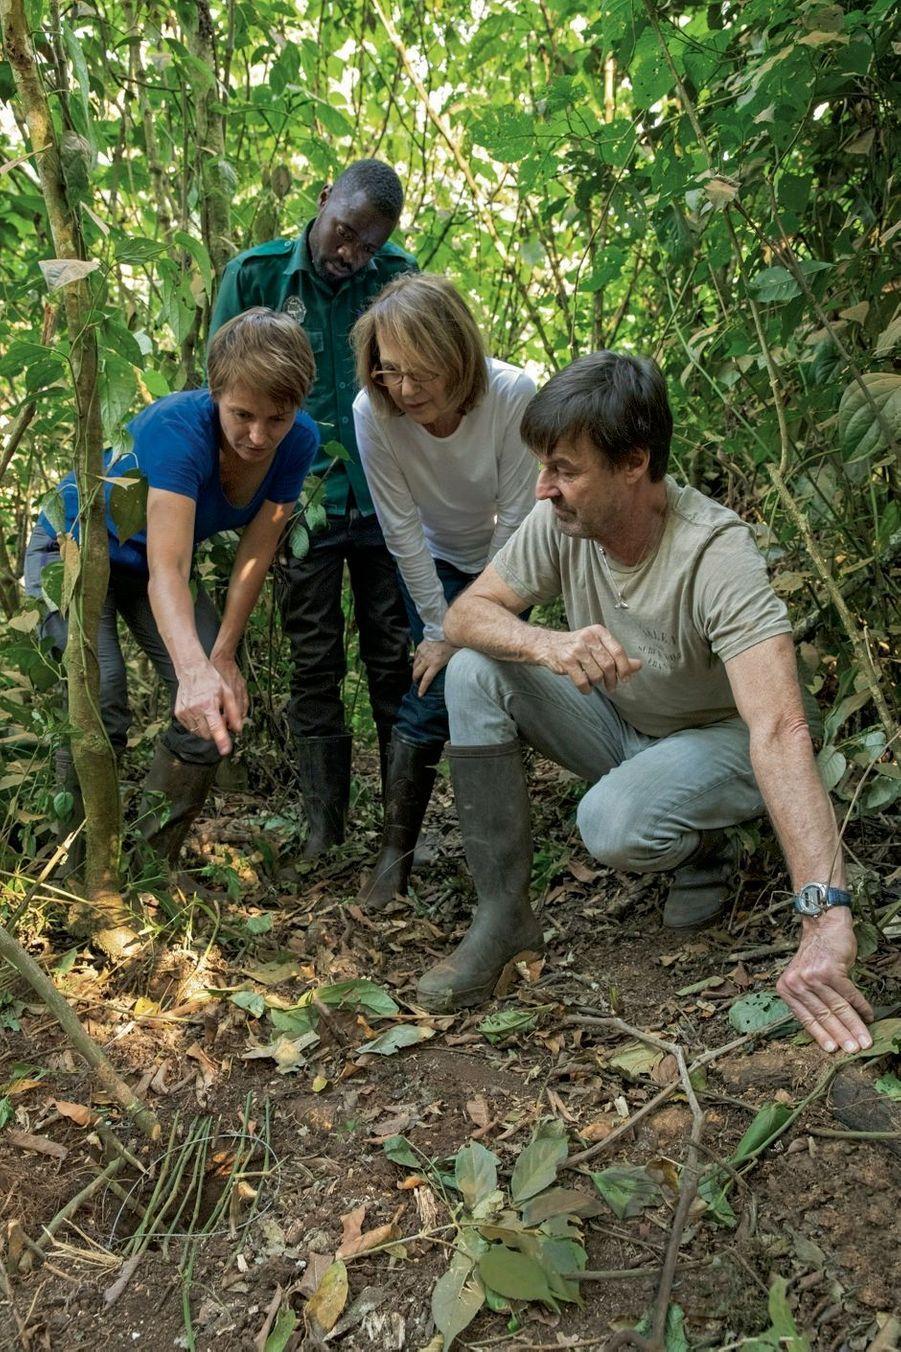 Sabrina pointe du doigt un piège à collet avec un nœud coulant qui mutile les pieds ou les doigts des chimpanzés. Il sera retiré par le pisteur.